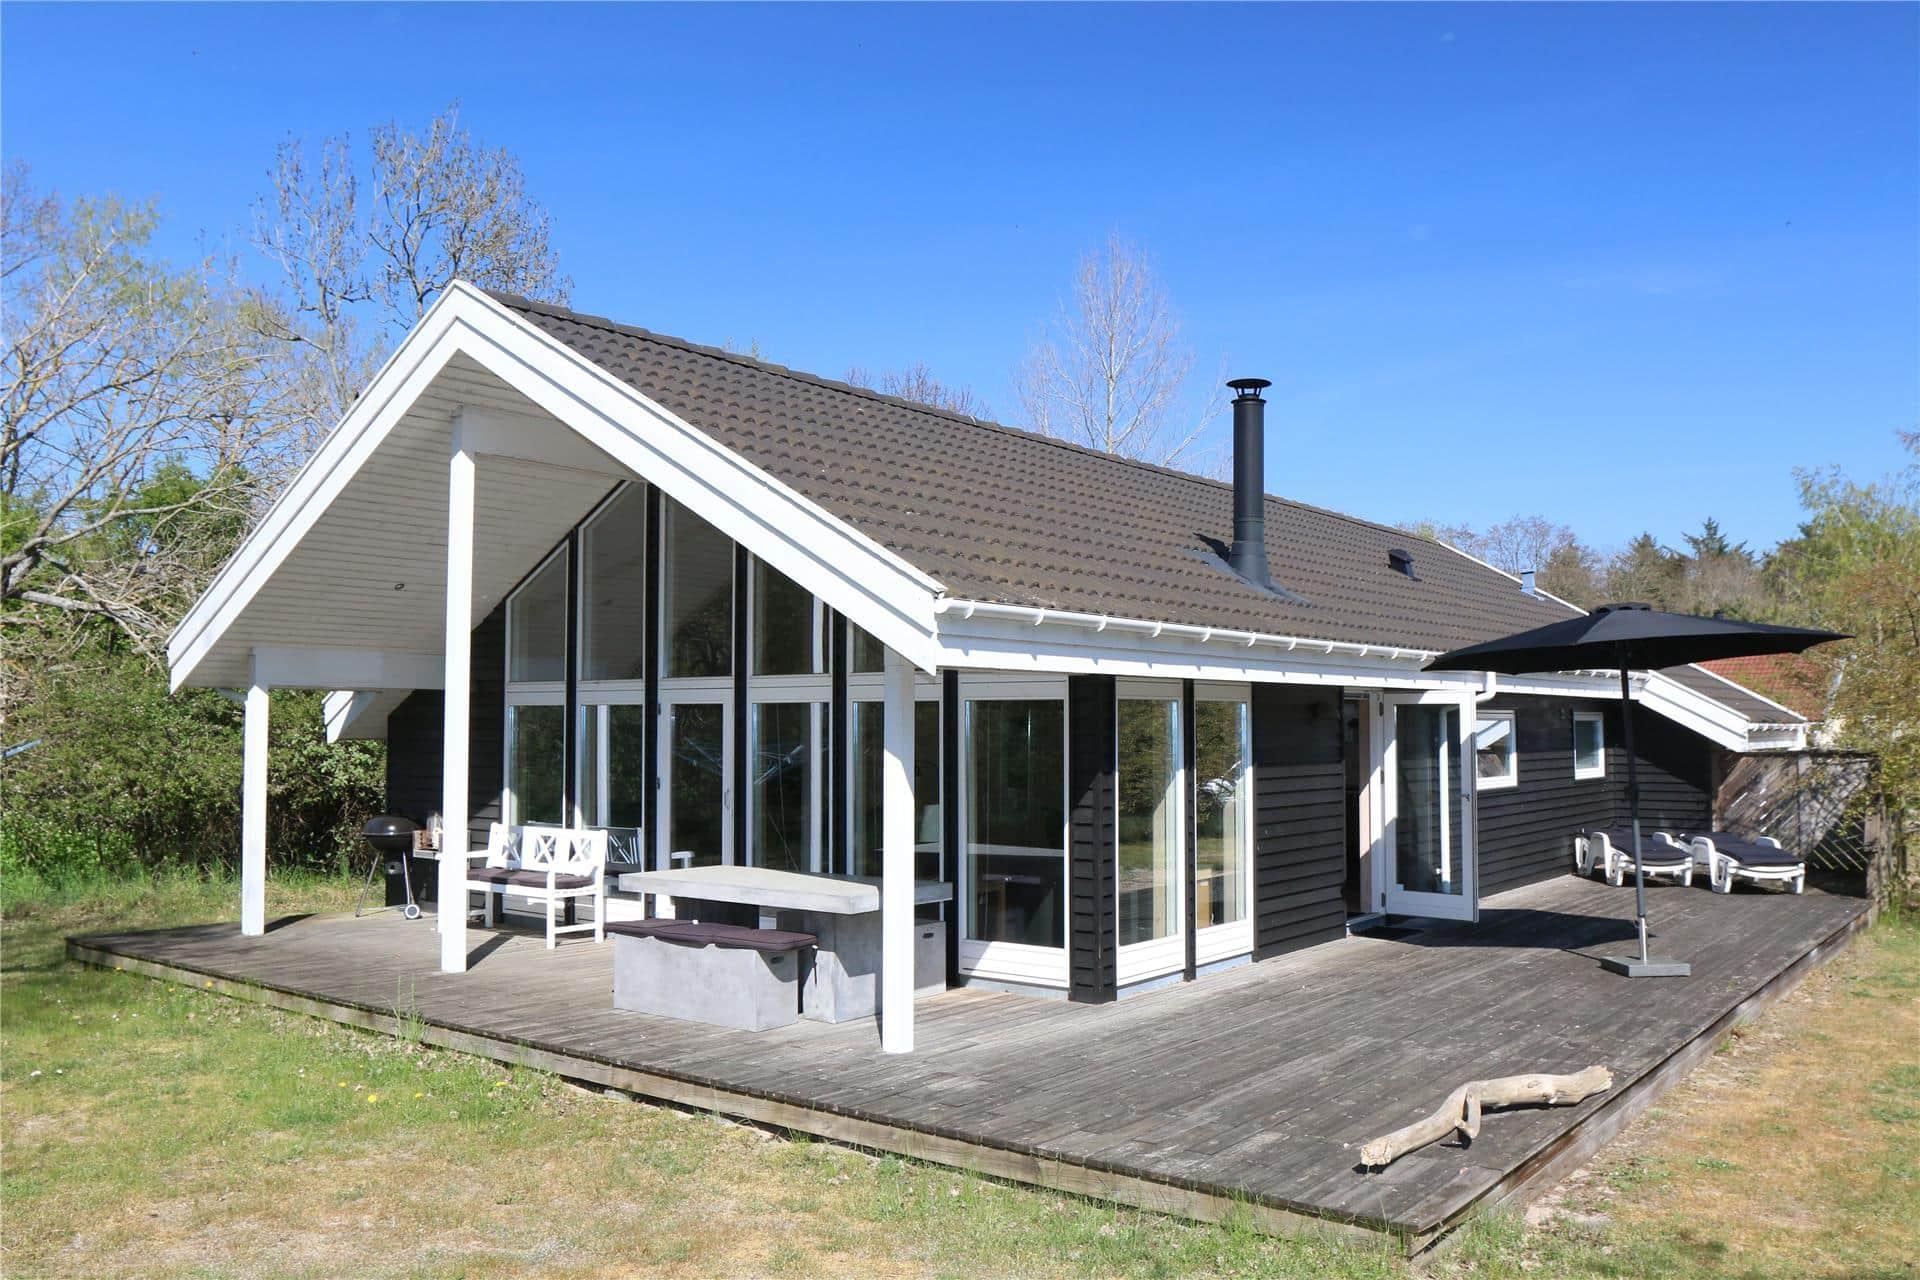 Bild 1-10 Ferienhaus 1441, Strandparken 14, DK - 3720 Aakirkeby